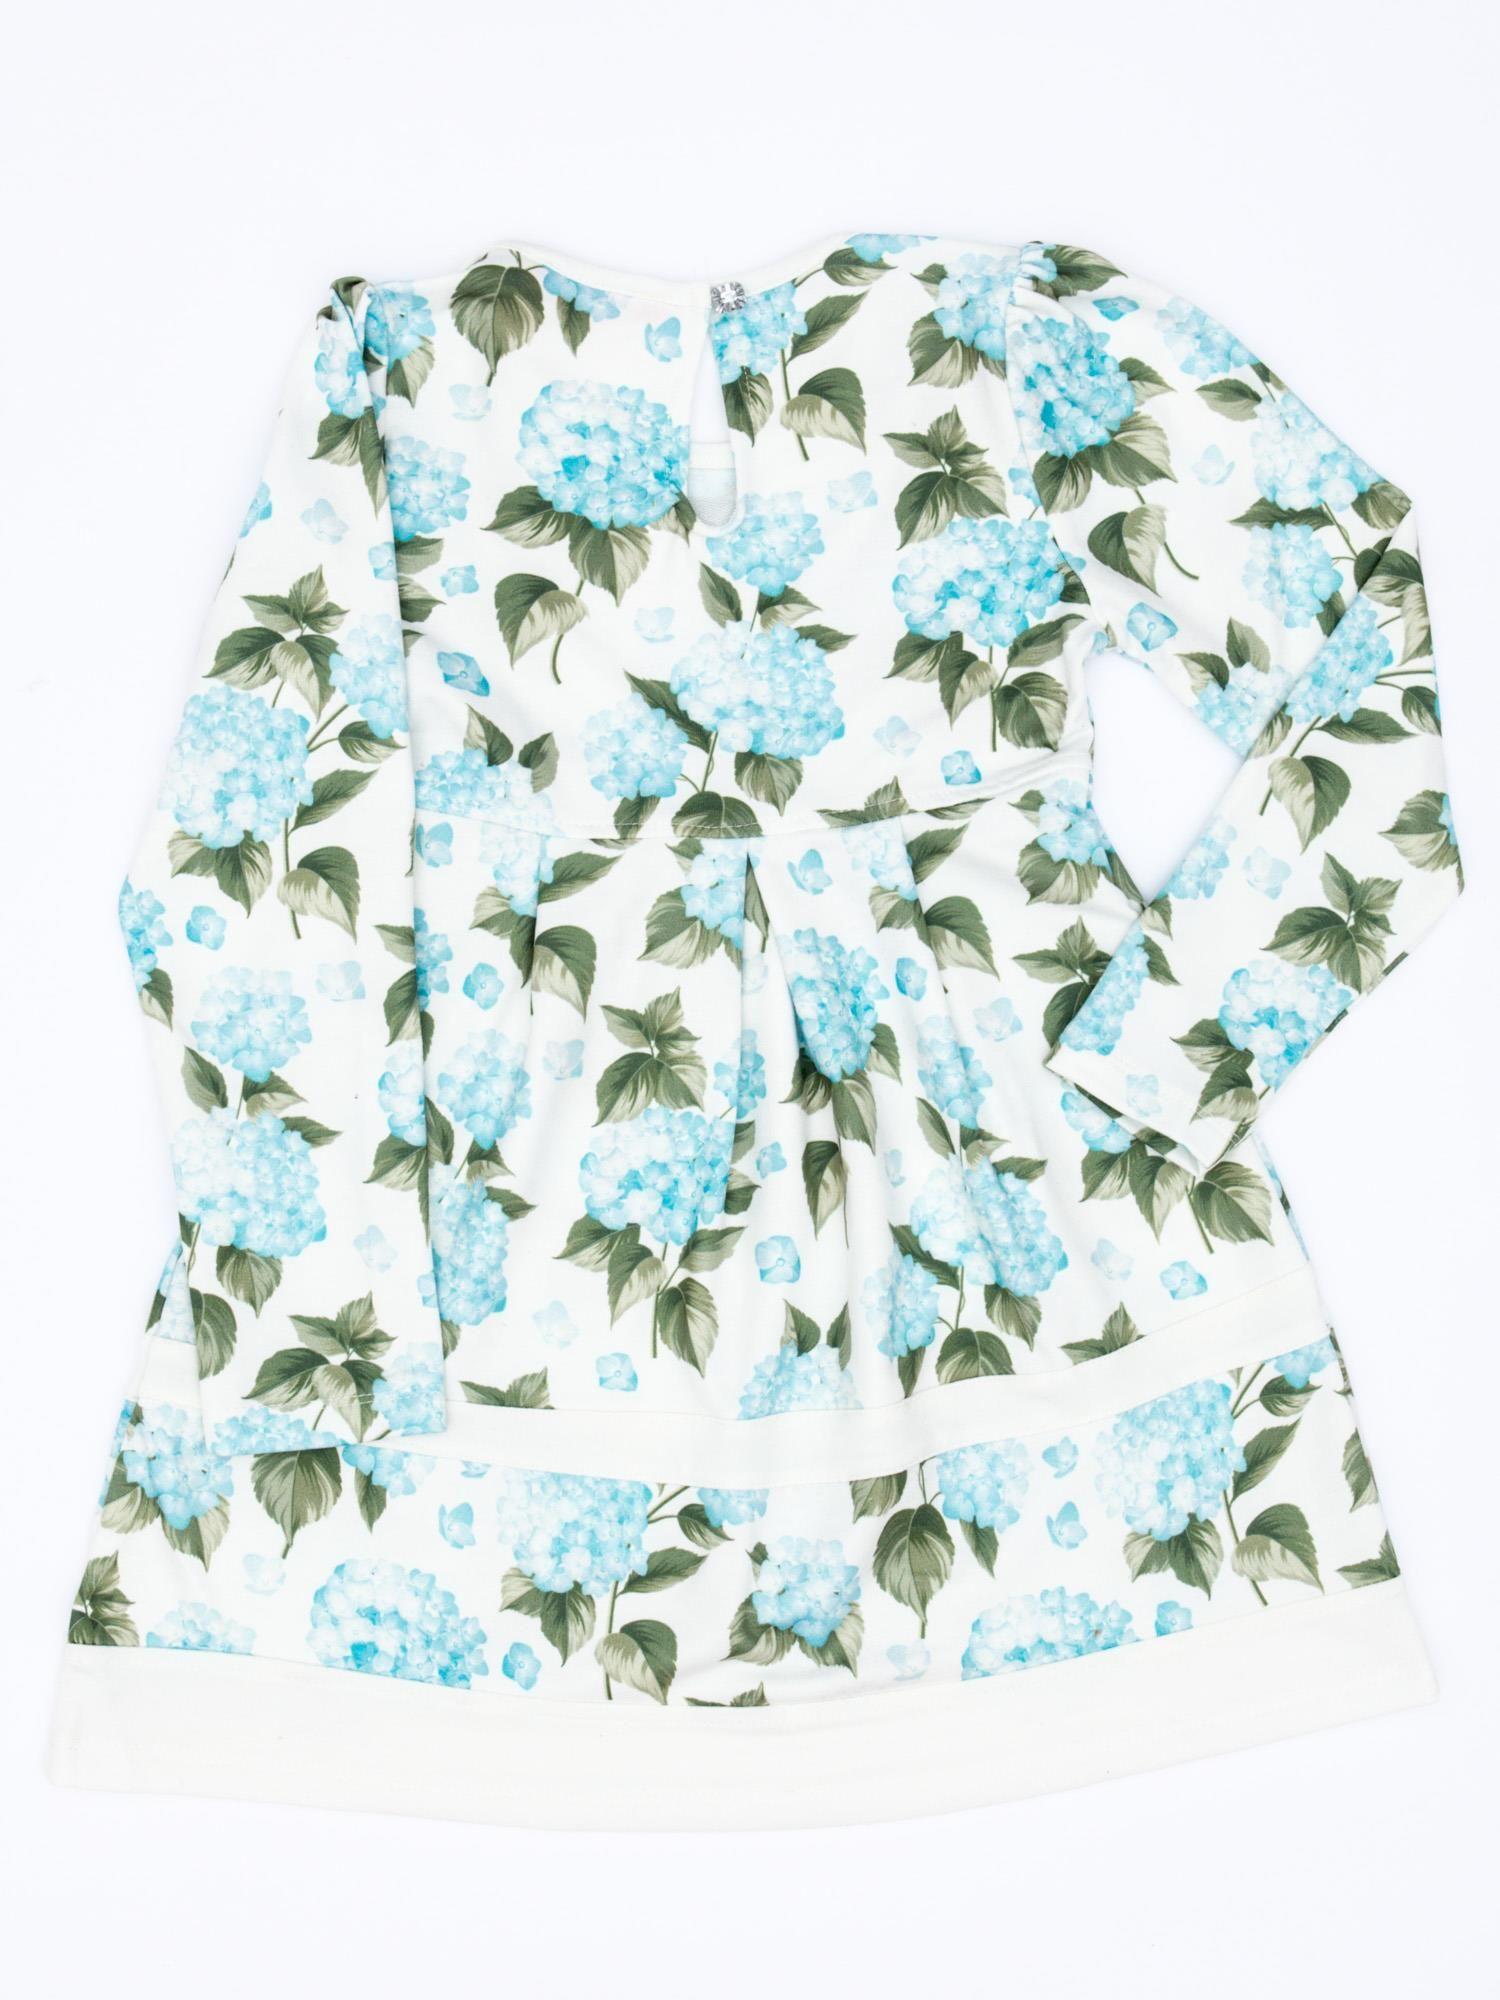 8e3f102d69c7ab Turkusowa sukienka dla dziewczynki w kwiaty z tiulową aplikacją - Dziecko  Dziewczynka - sklep eButik.pl